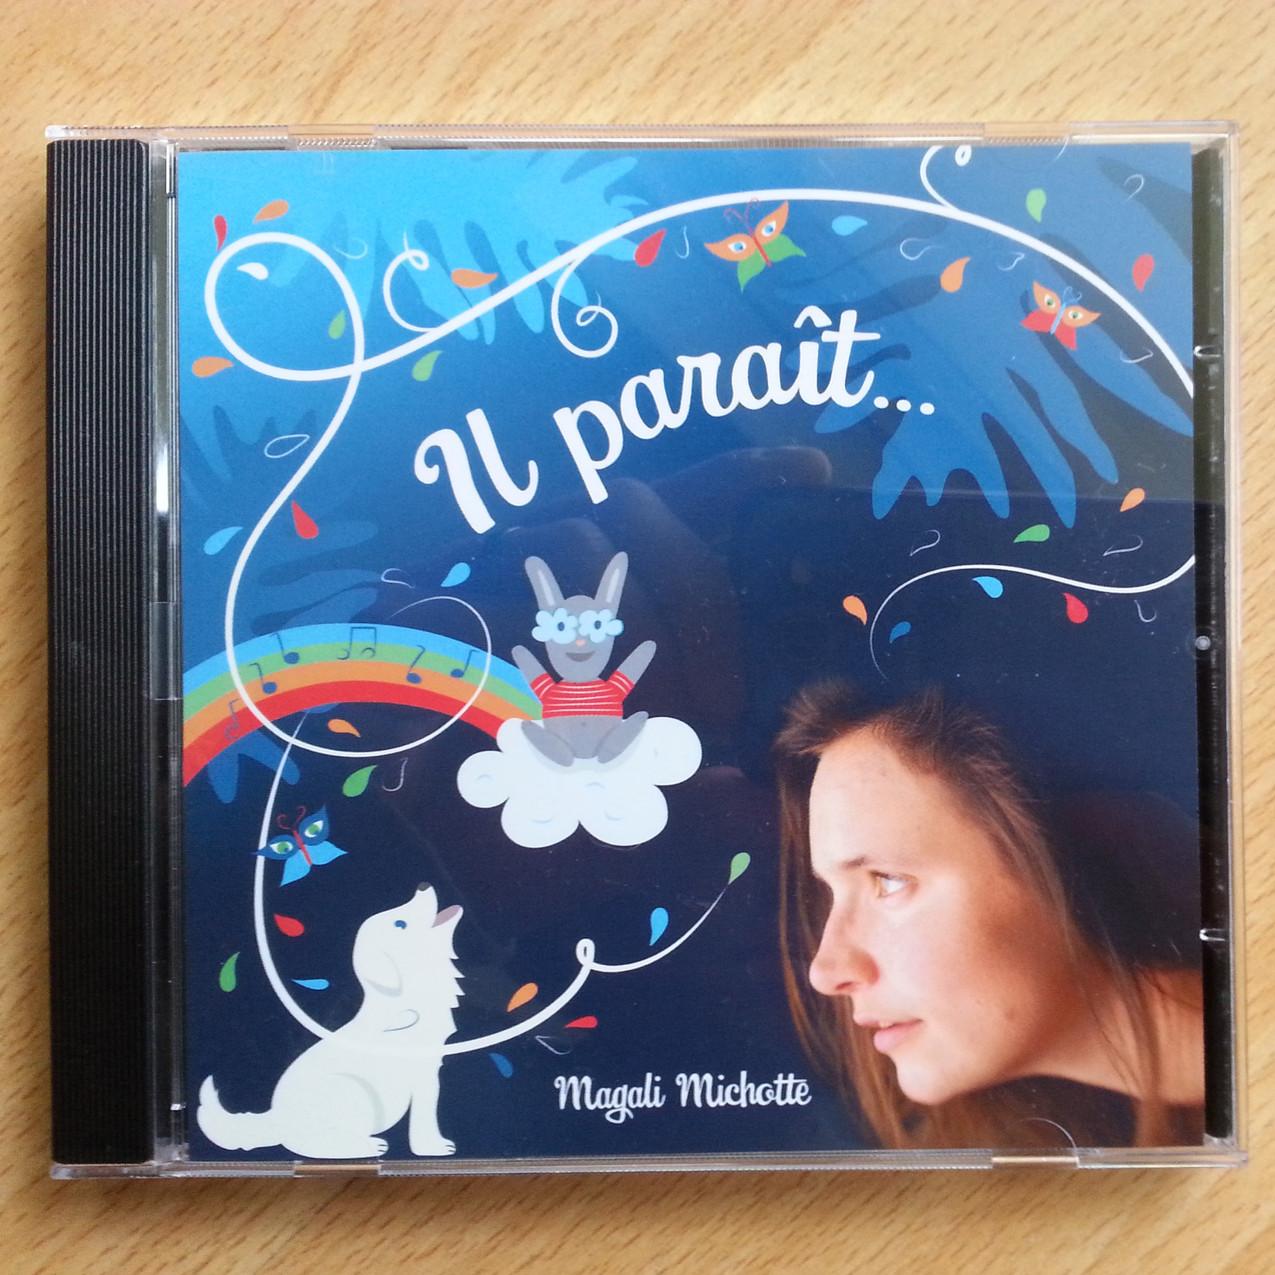 Magali Michotte - IL PARAIT - ALBUM - Mastering au STUDIO NOBILIS - Dominique de Witte - 2017 (3)